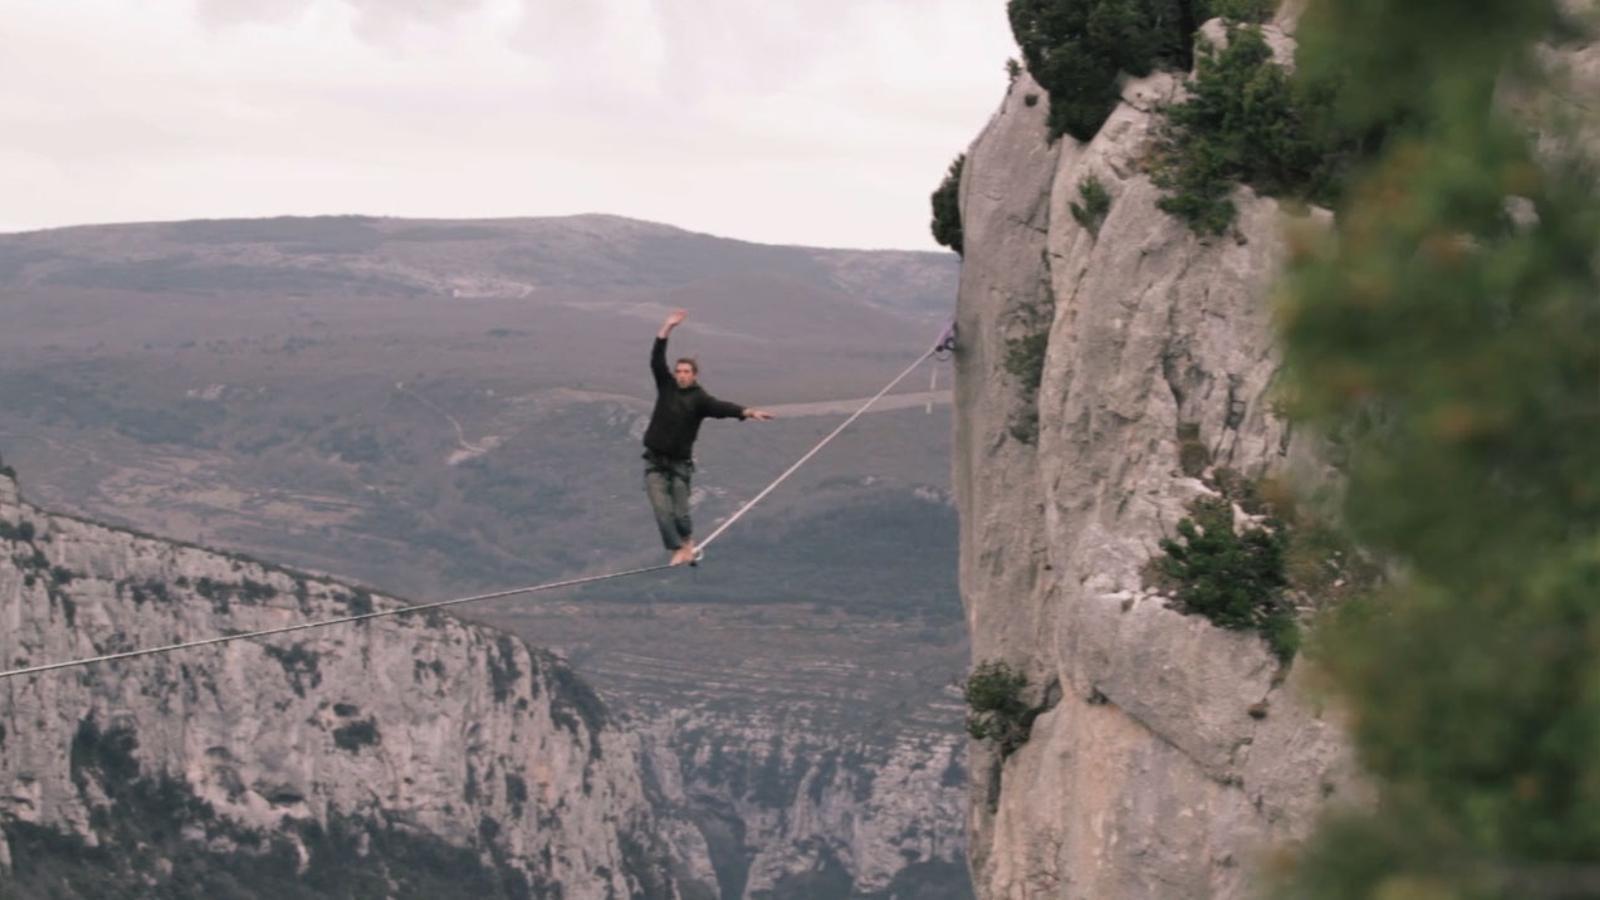 Equilibrisme a 700 metres sobre la vall del riu Verdon, a França